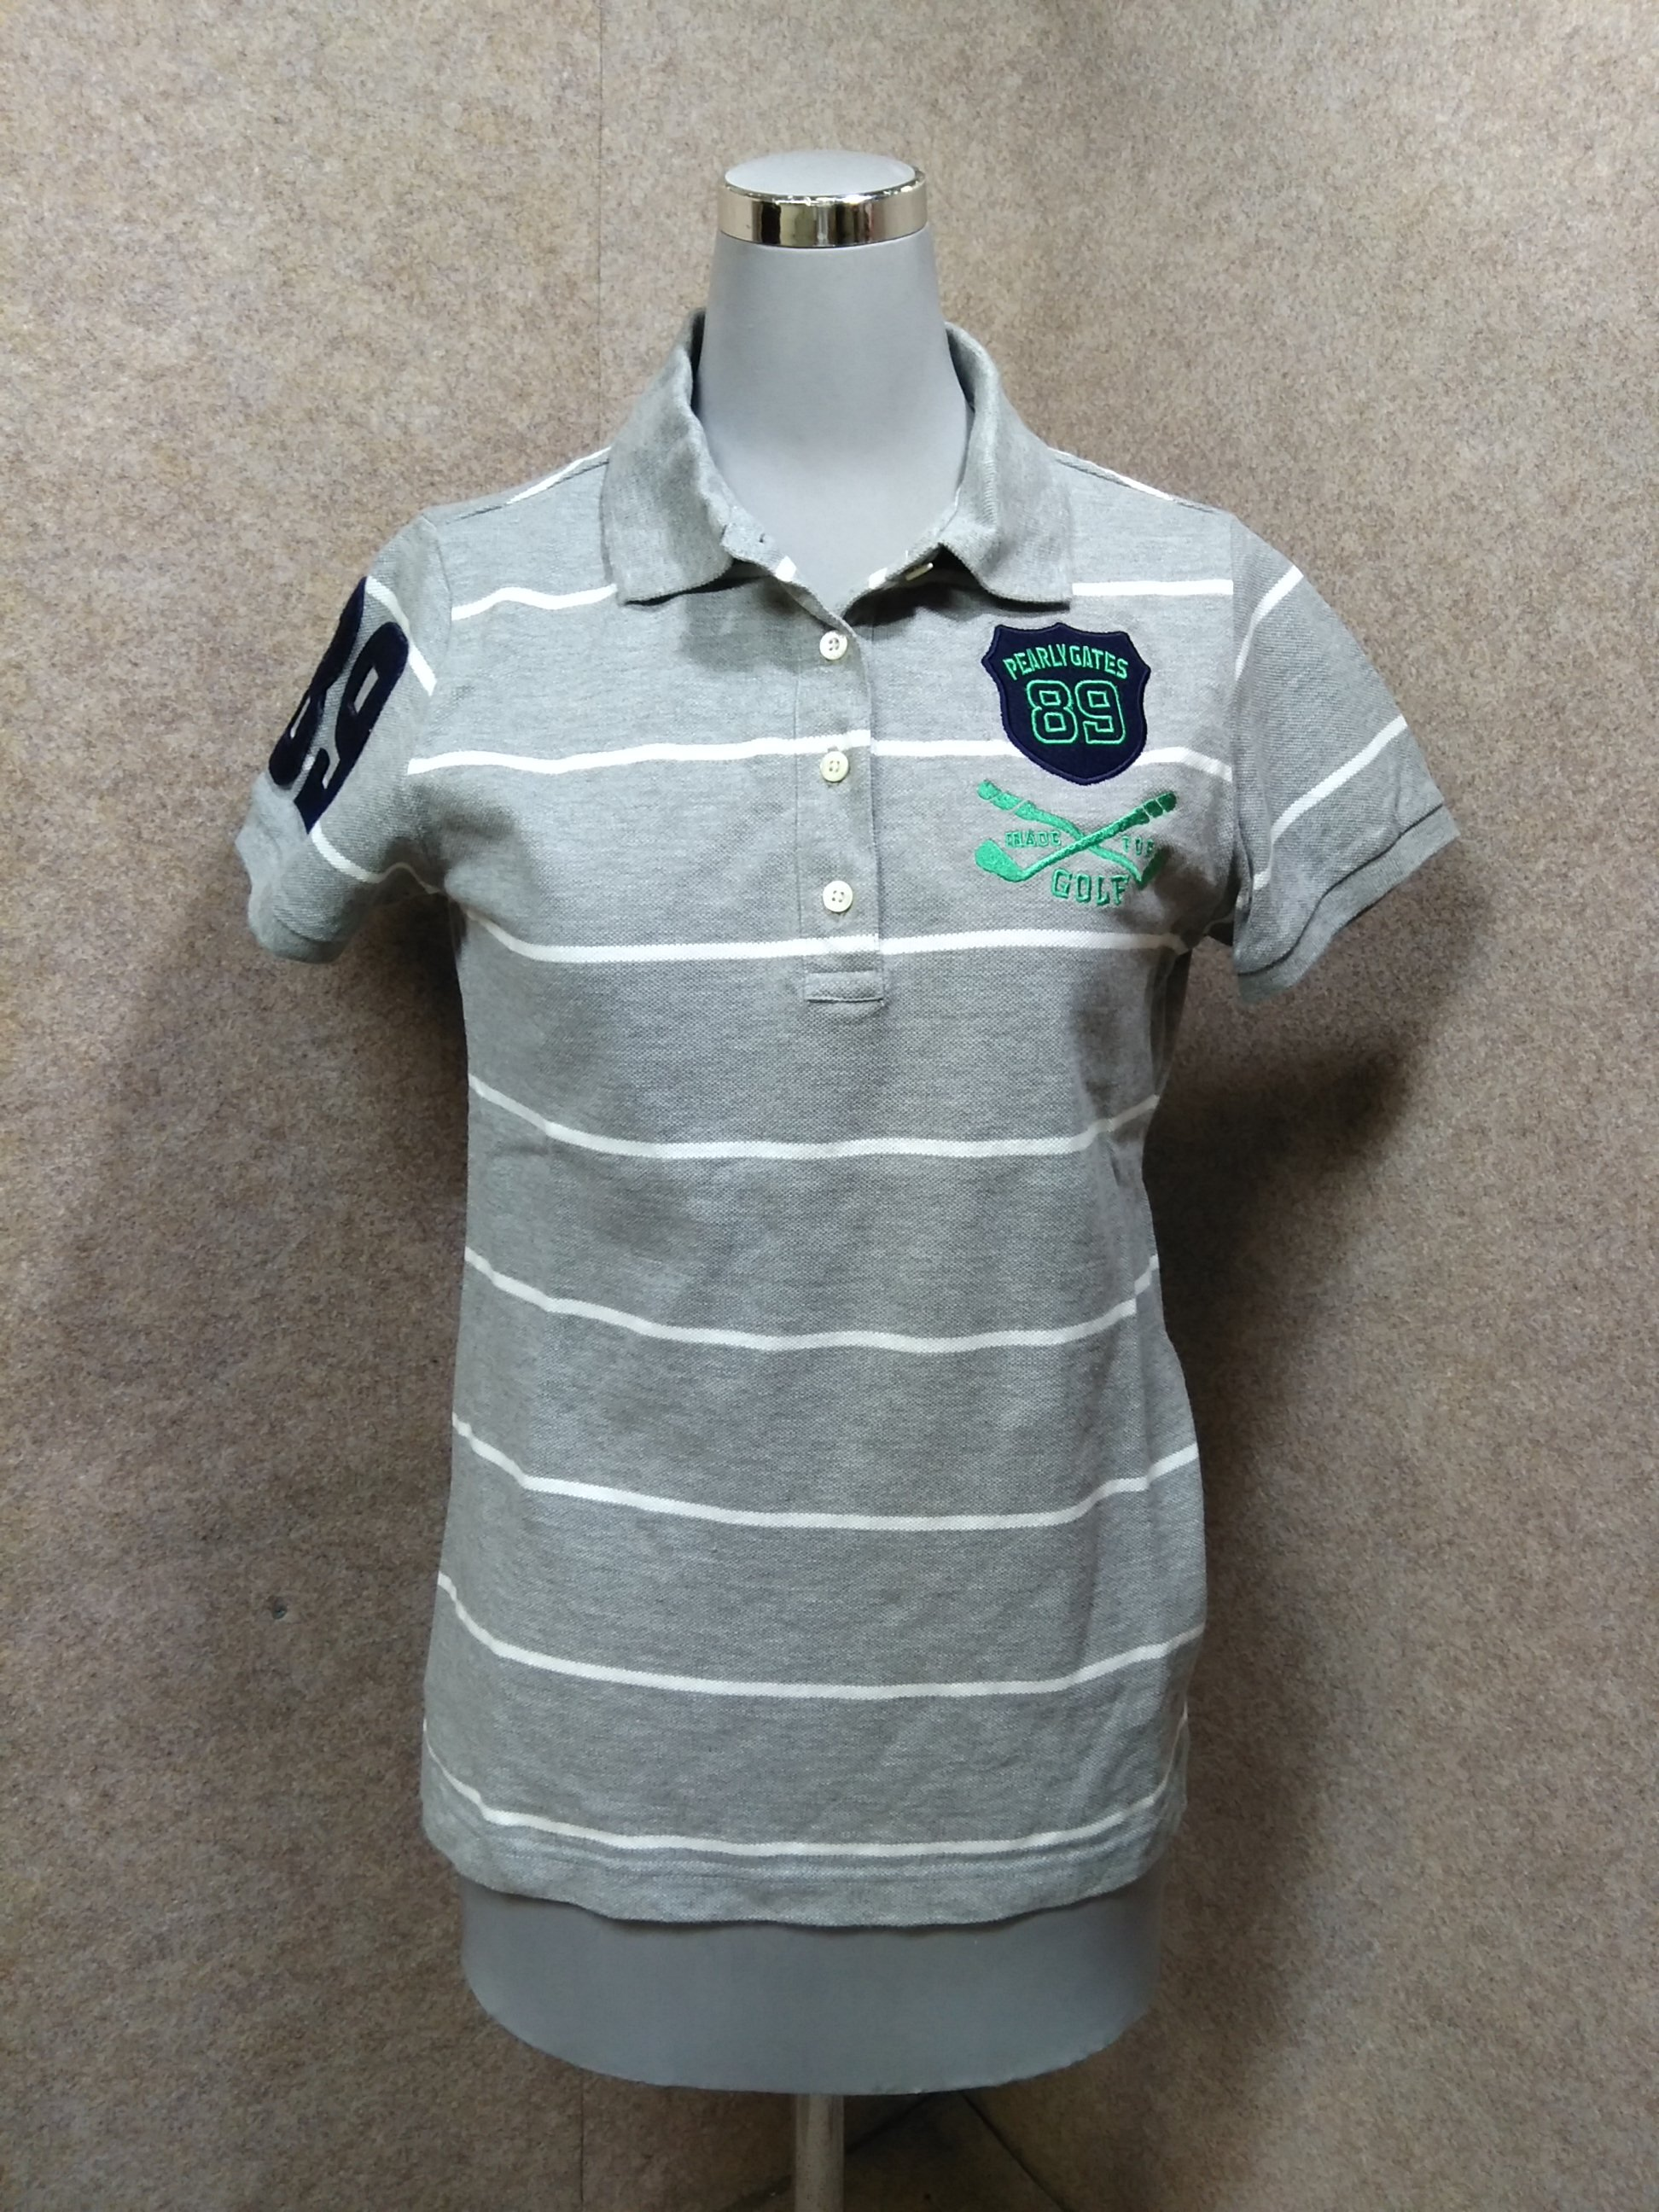 パーリーゲイツ レディース ポロシャツ 1 グレー系 ゴルフ柄刺繍 y1334j